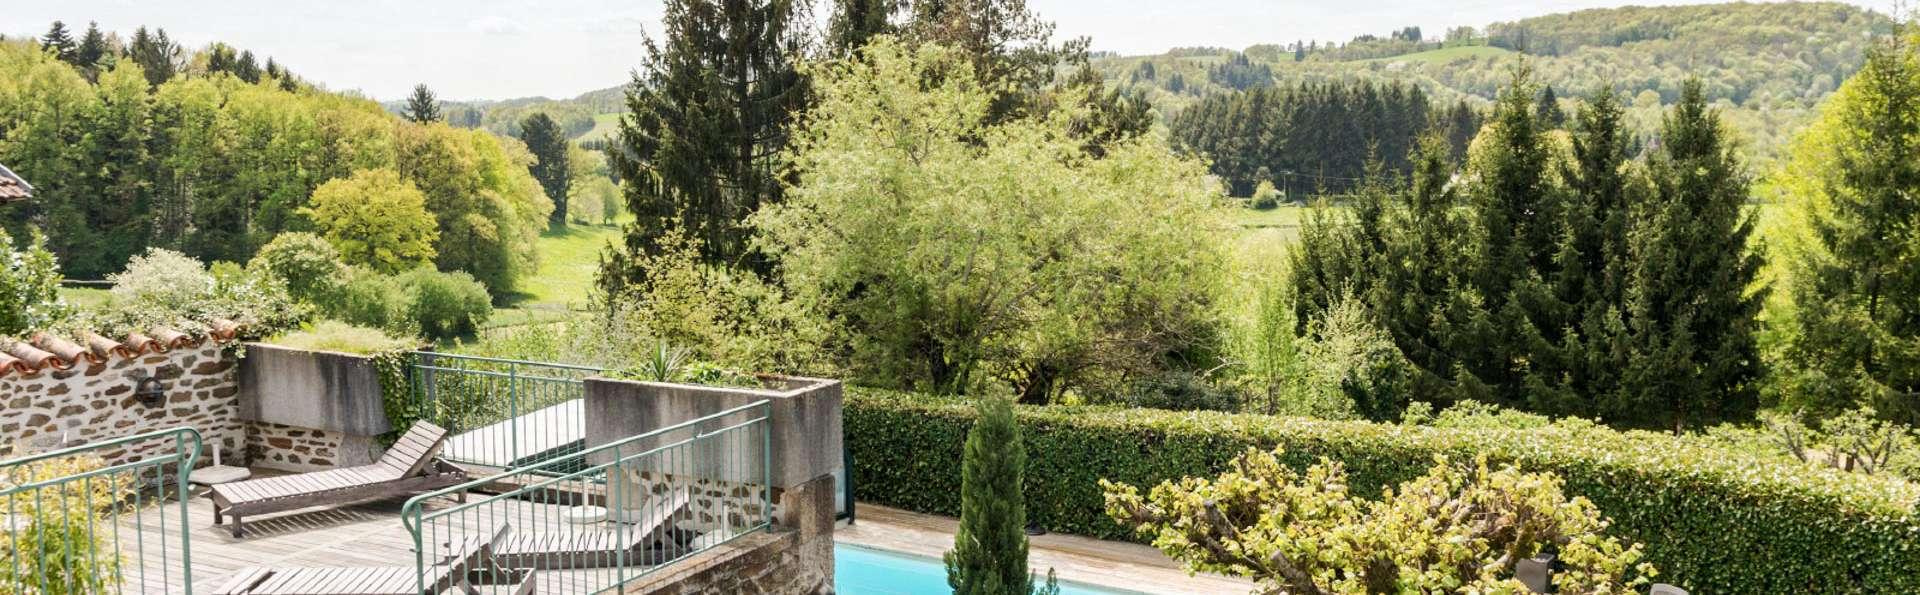 Détente et charme dans un écrin de verdure entre Quercy et Monts d'Auvergne